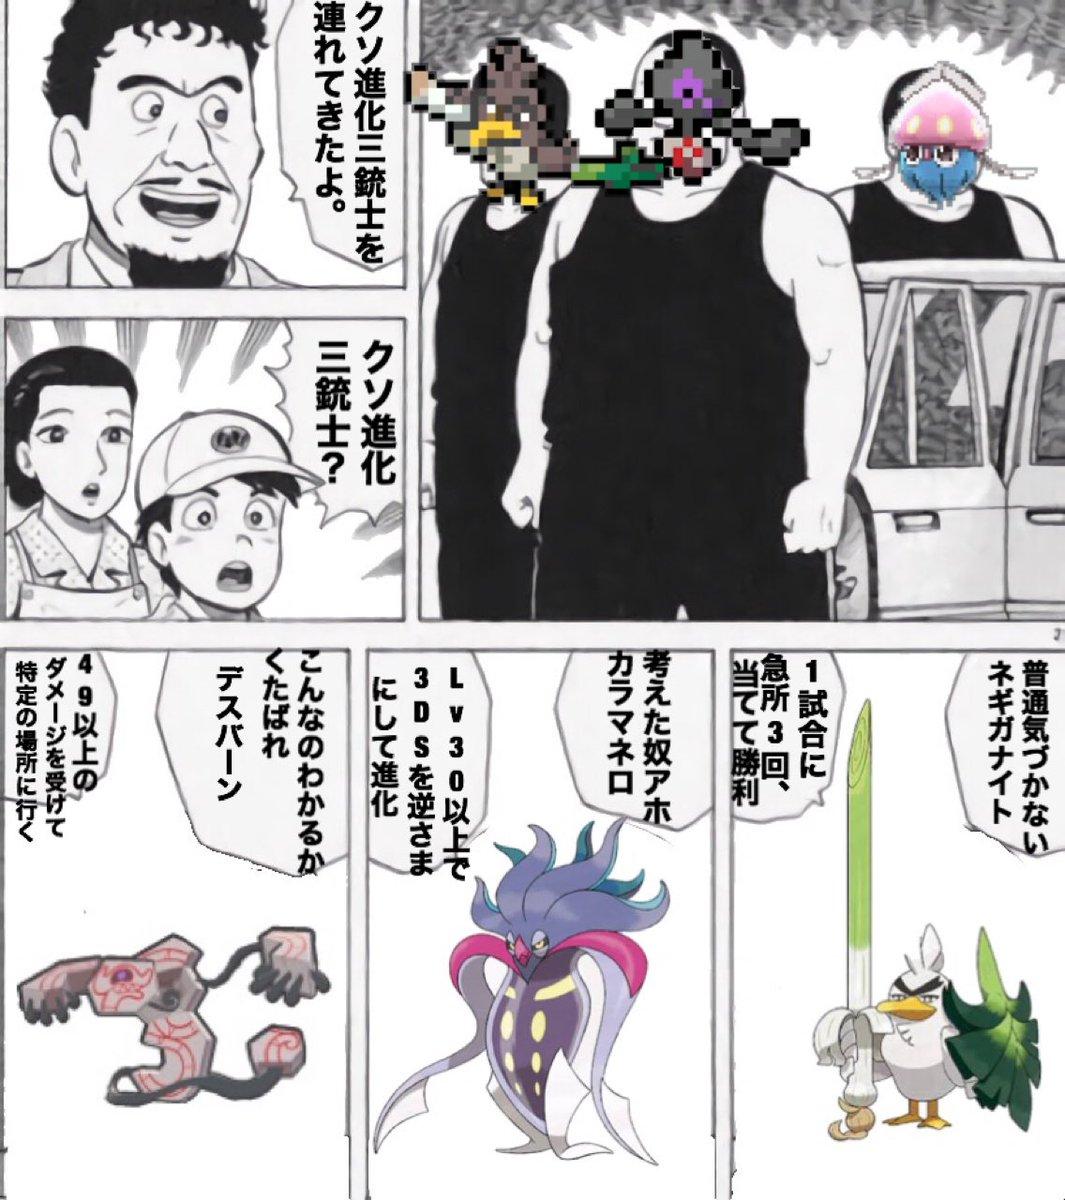 ポケモンのクソ進化三銃士 #ポケモン剣盾